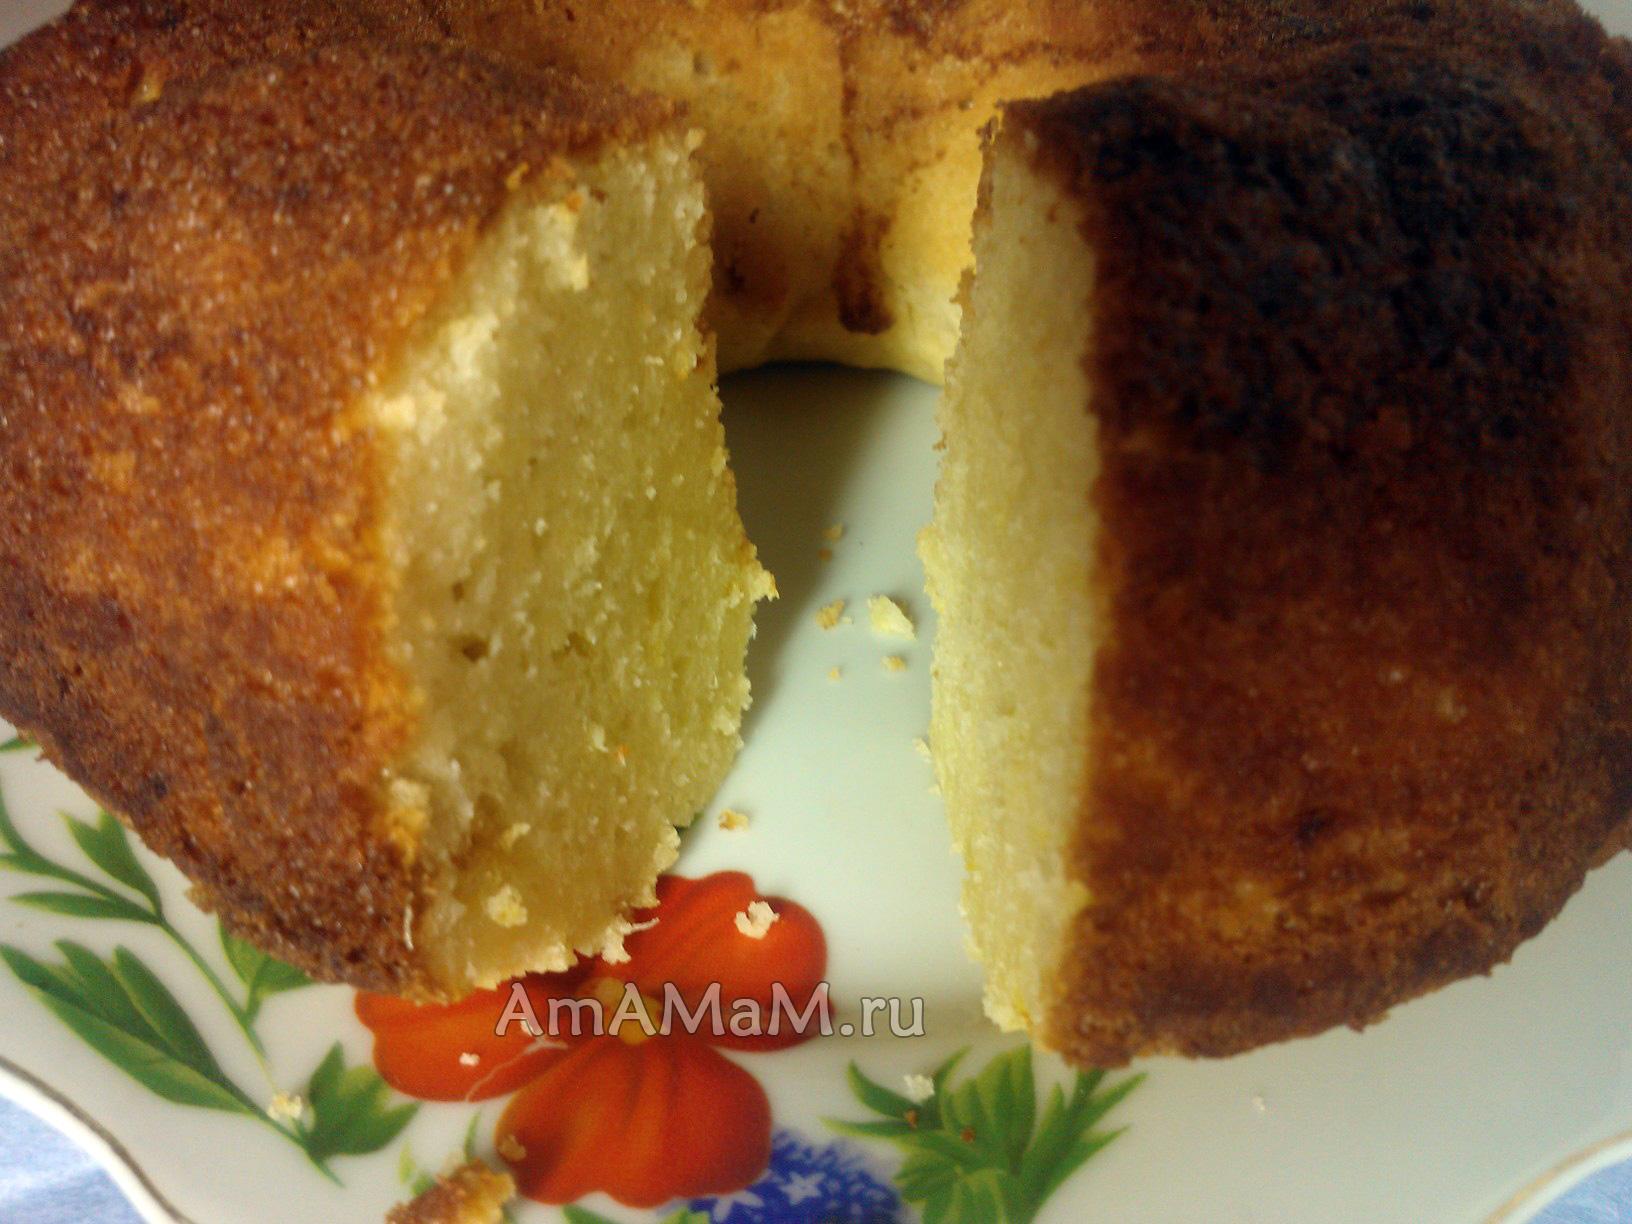 Кекс творожный рецепт пошагово в хлебопечке